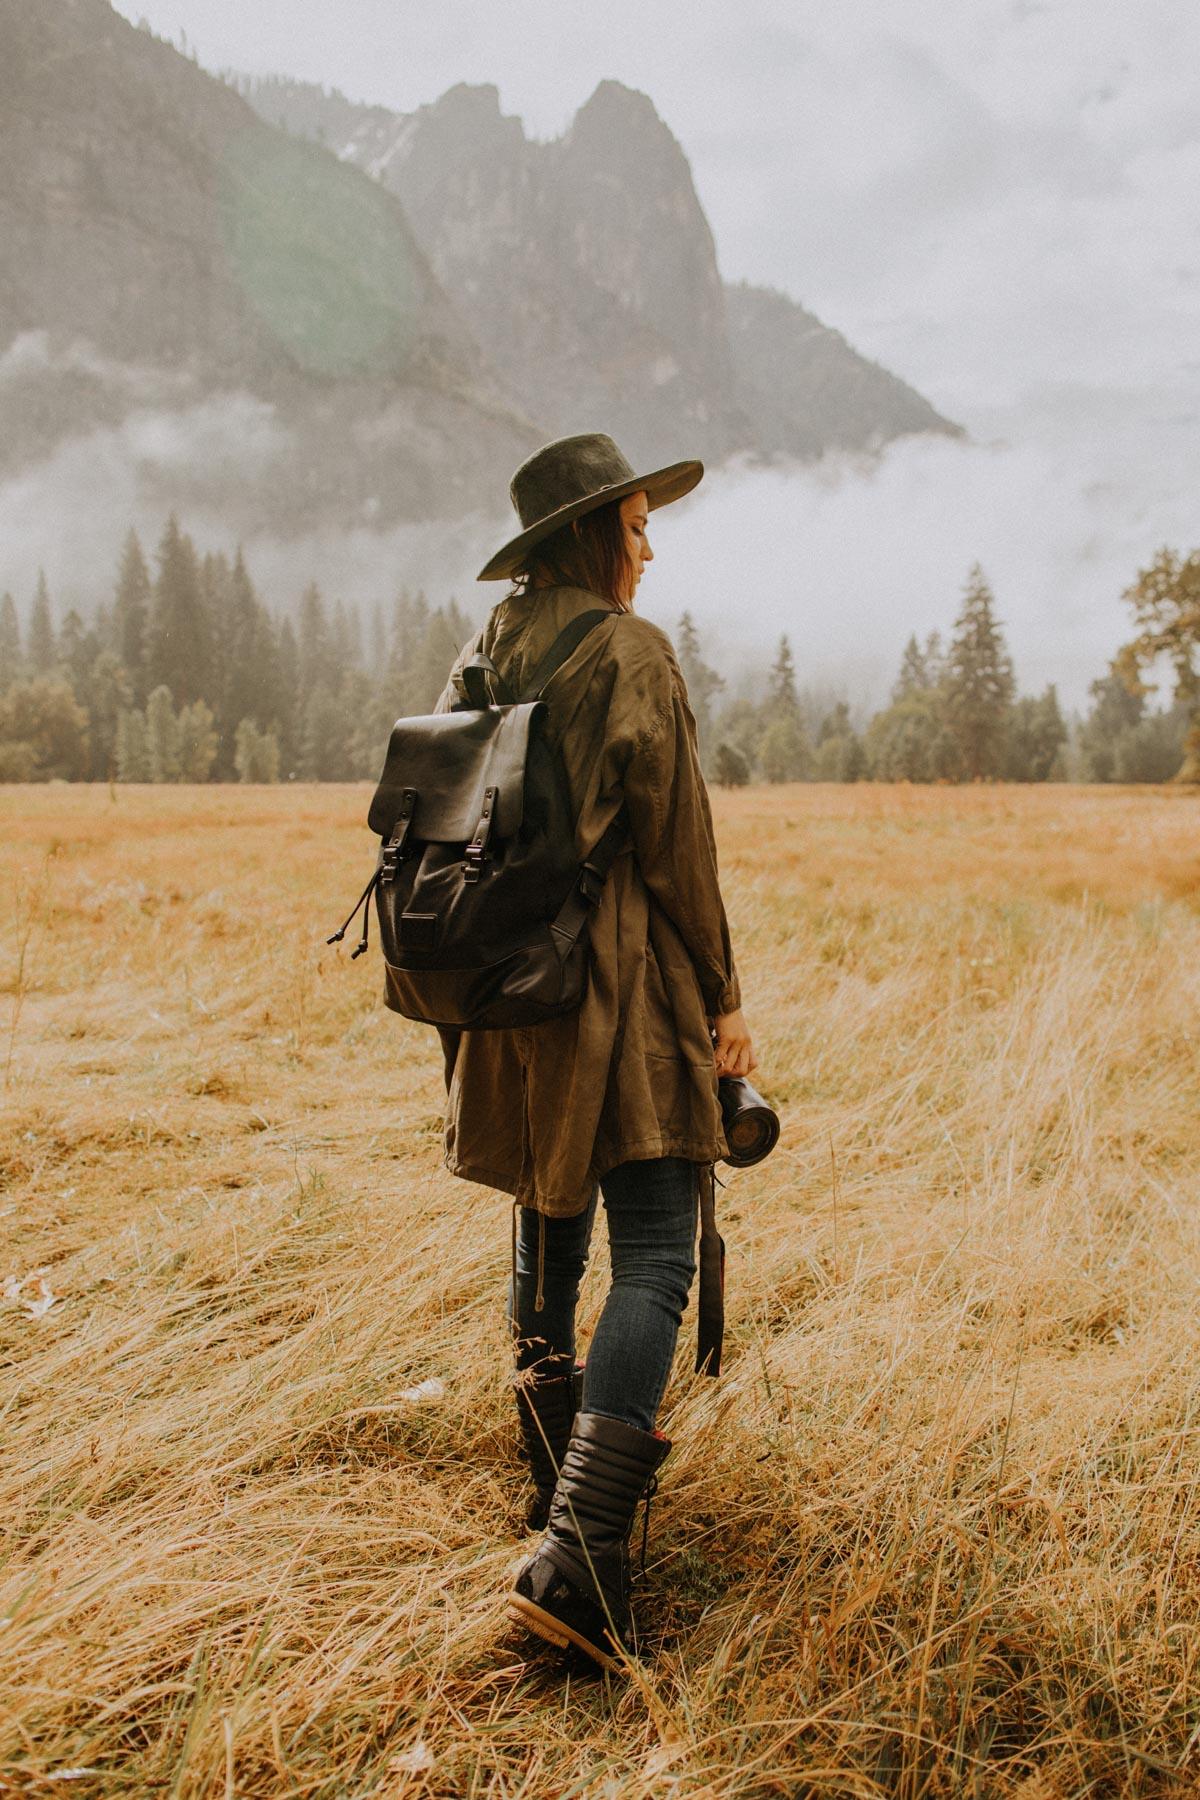 ACC-Yosemite-WebSize-1810030.jpg